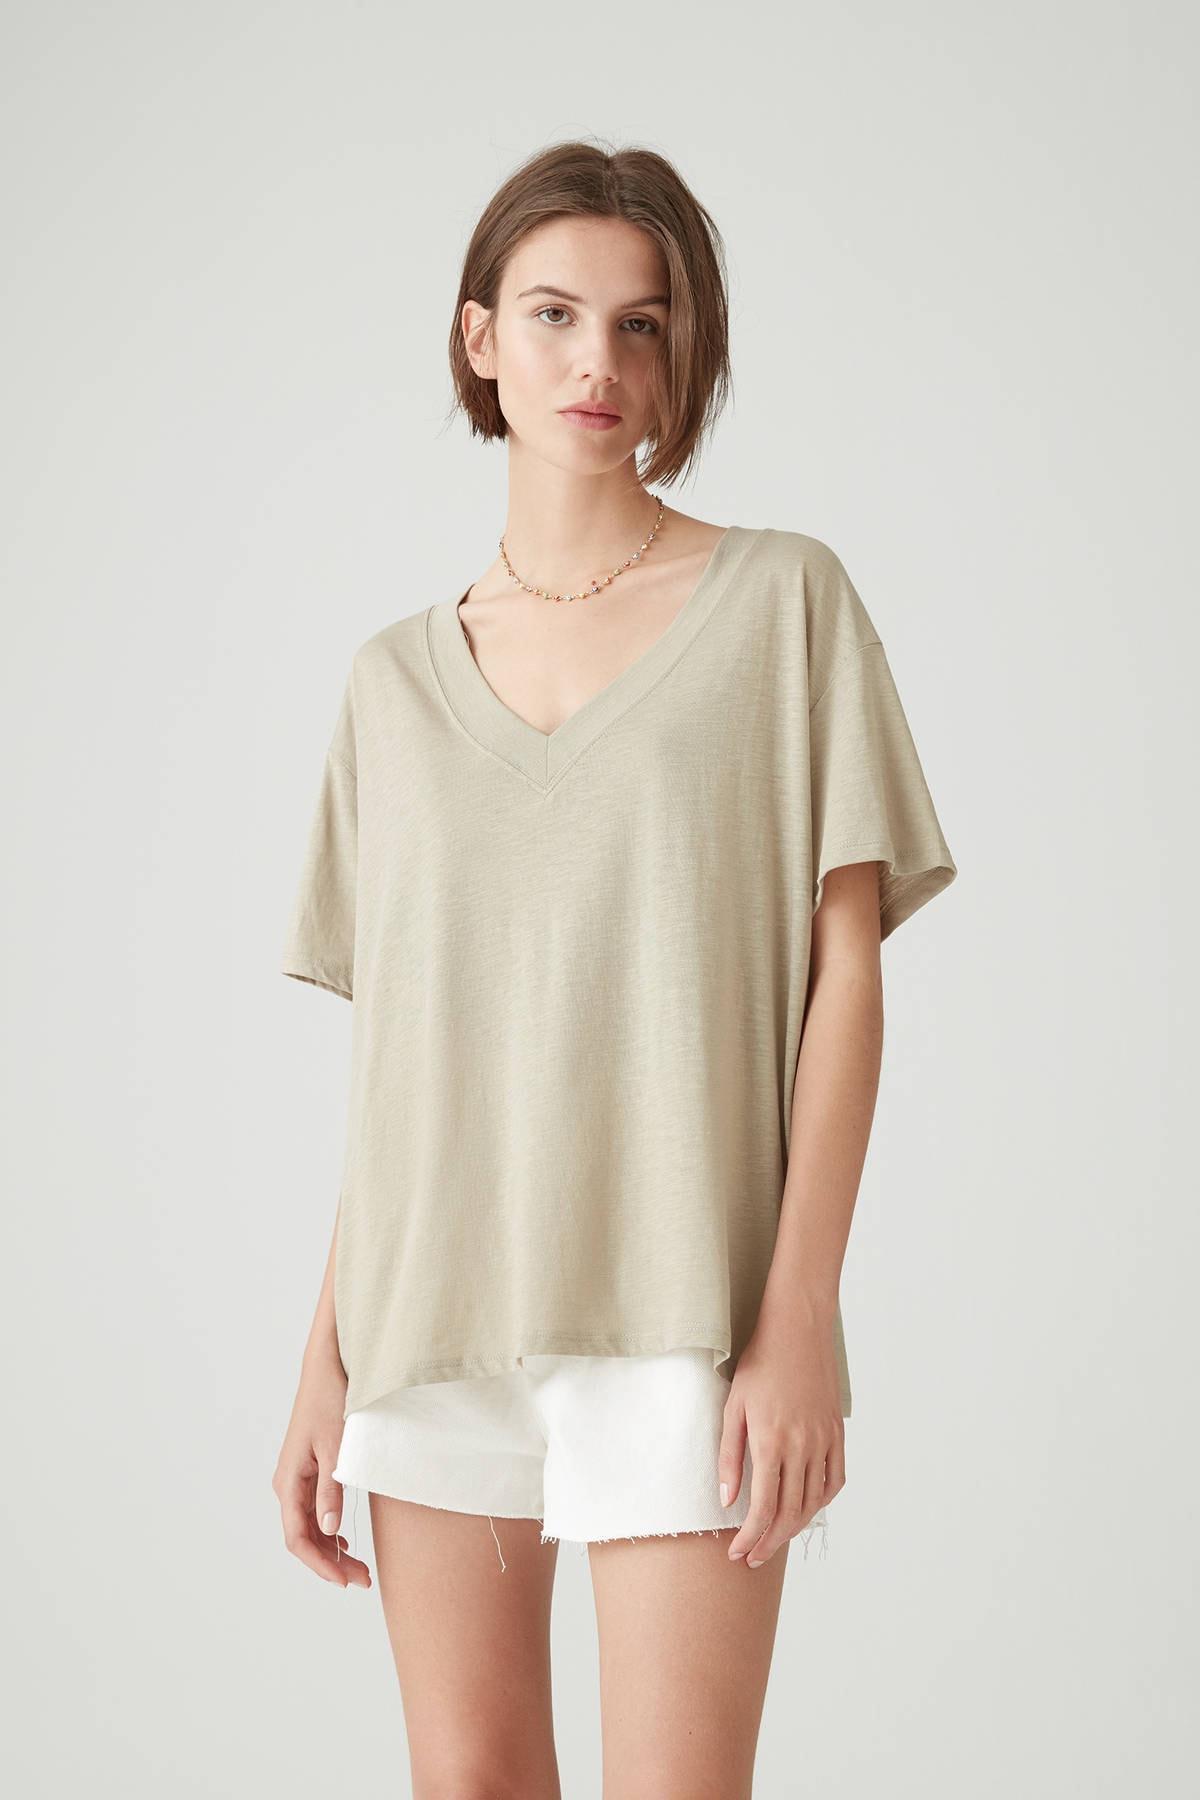 Pull & Bear Kadın Açık Haki Basic Oversize Düğümlü Örgü T-Shirt 05236324